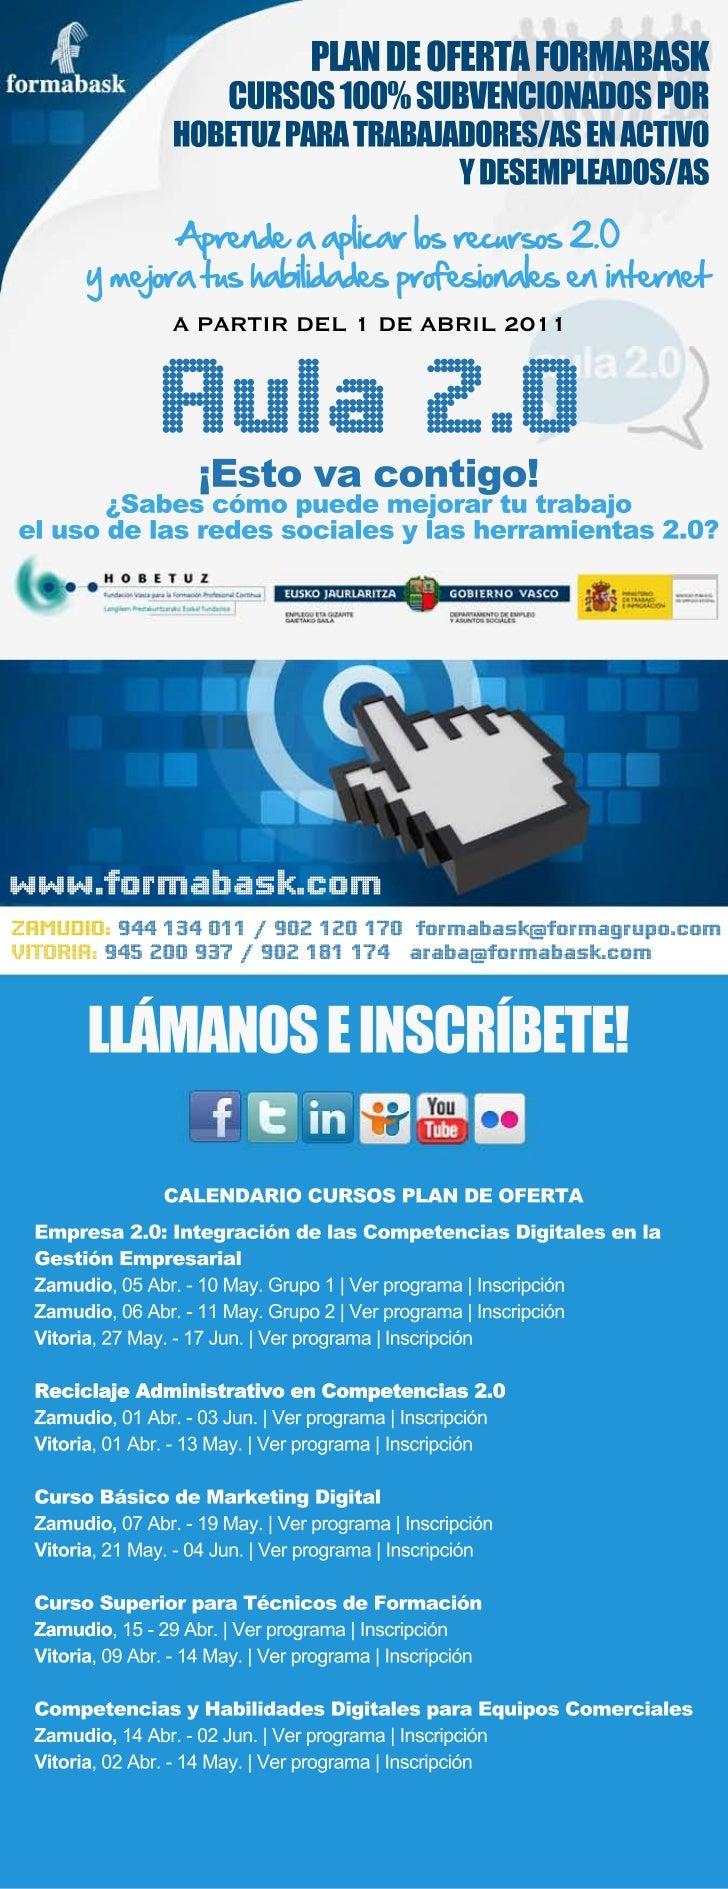 PLAN DE OFERTA FORMABASK                        CURSOS 100% SUBVENCIONADOS POR                 HOBETUZ PARA TRABAJADORES/A...